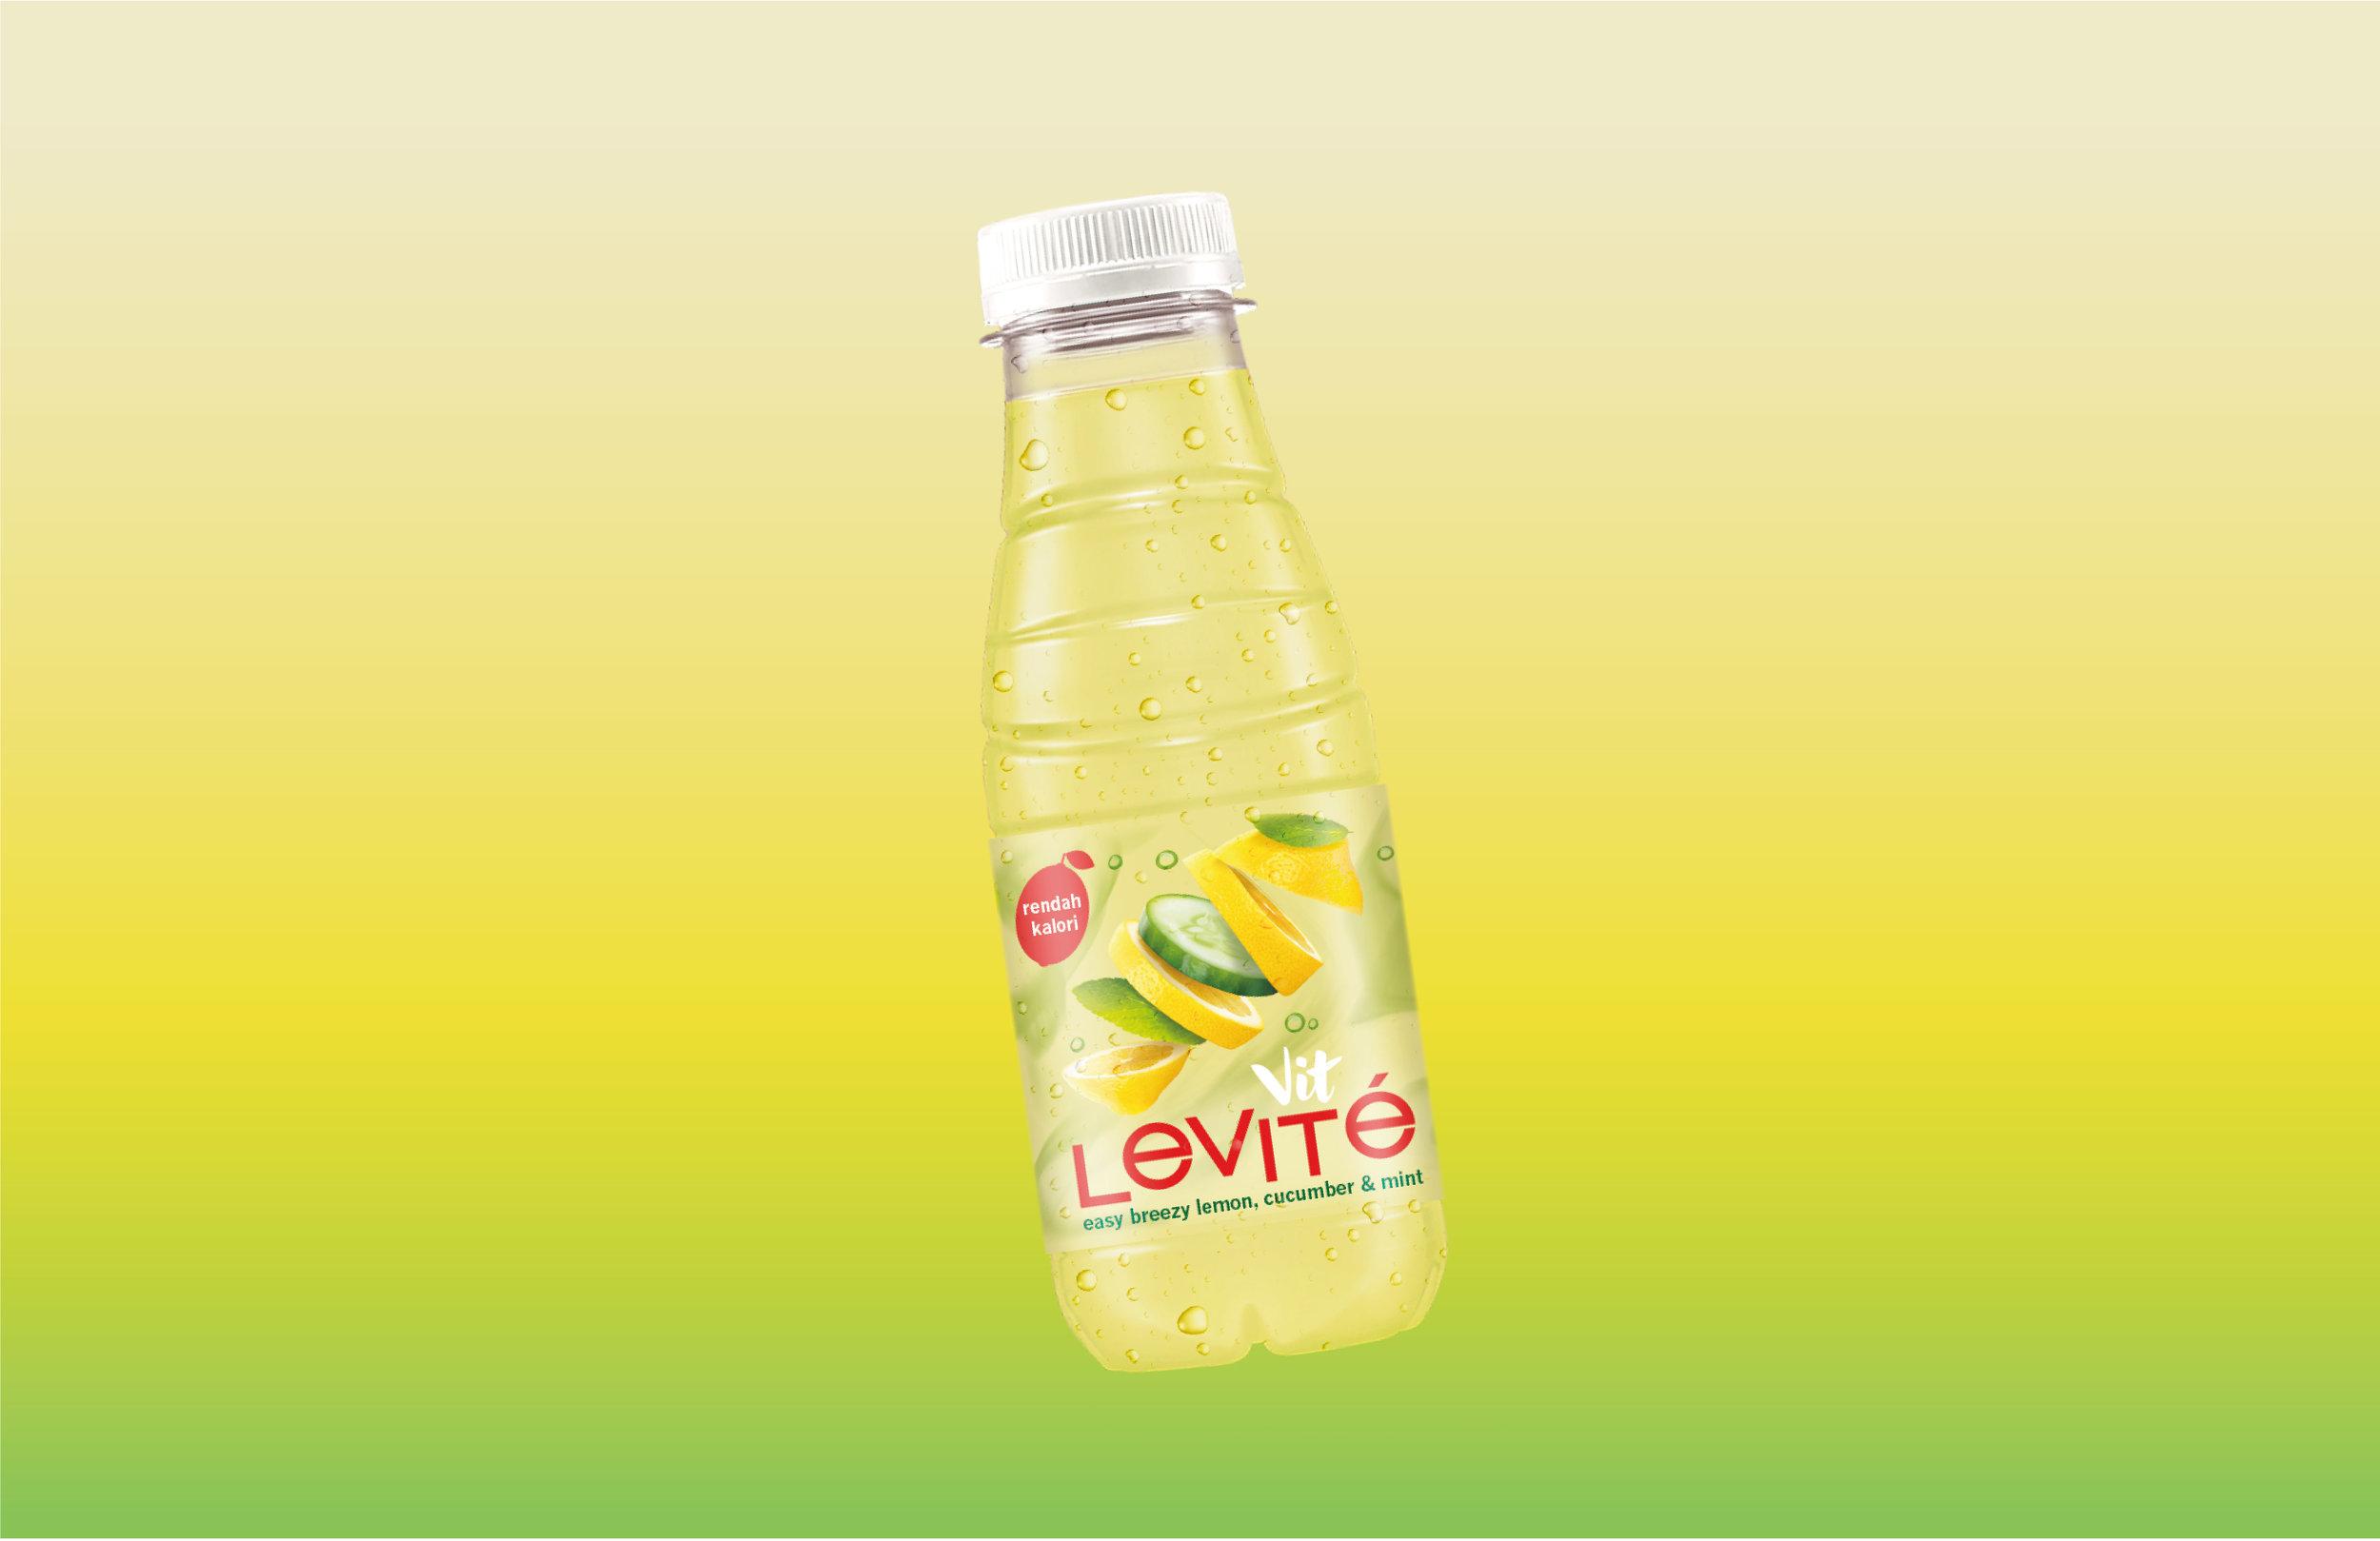 Packaging Rebrand for Vit Levite fruit Waters / World Brand Design Society